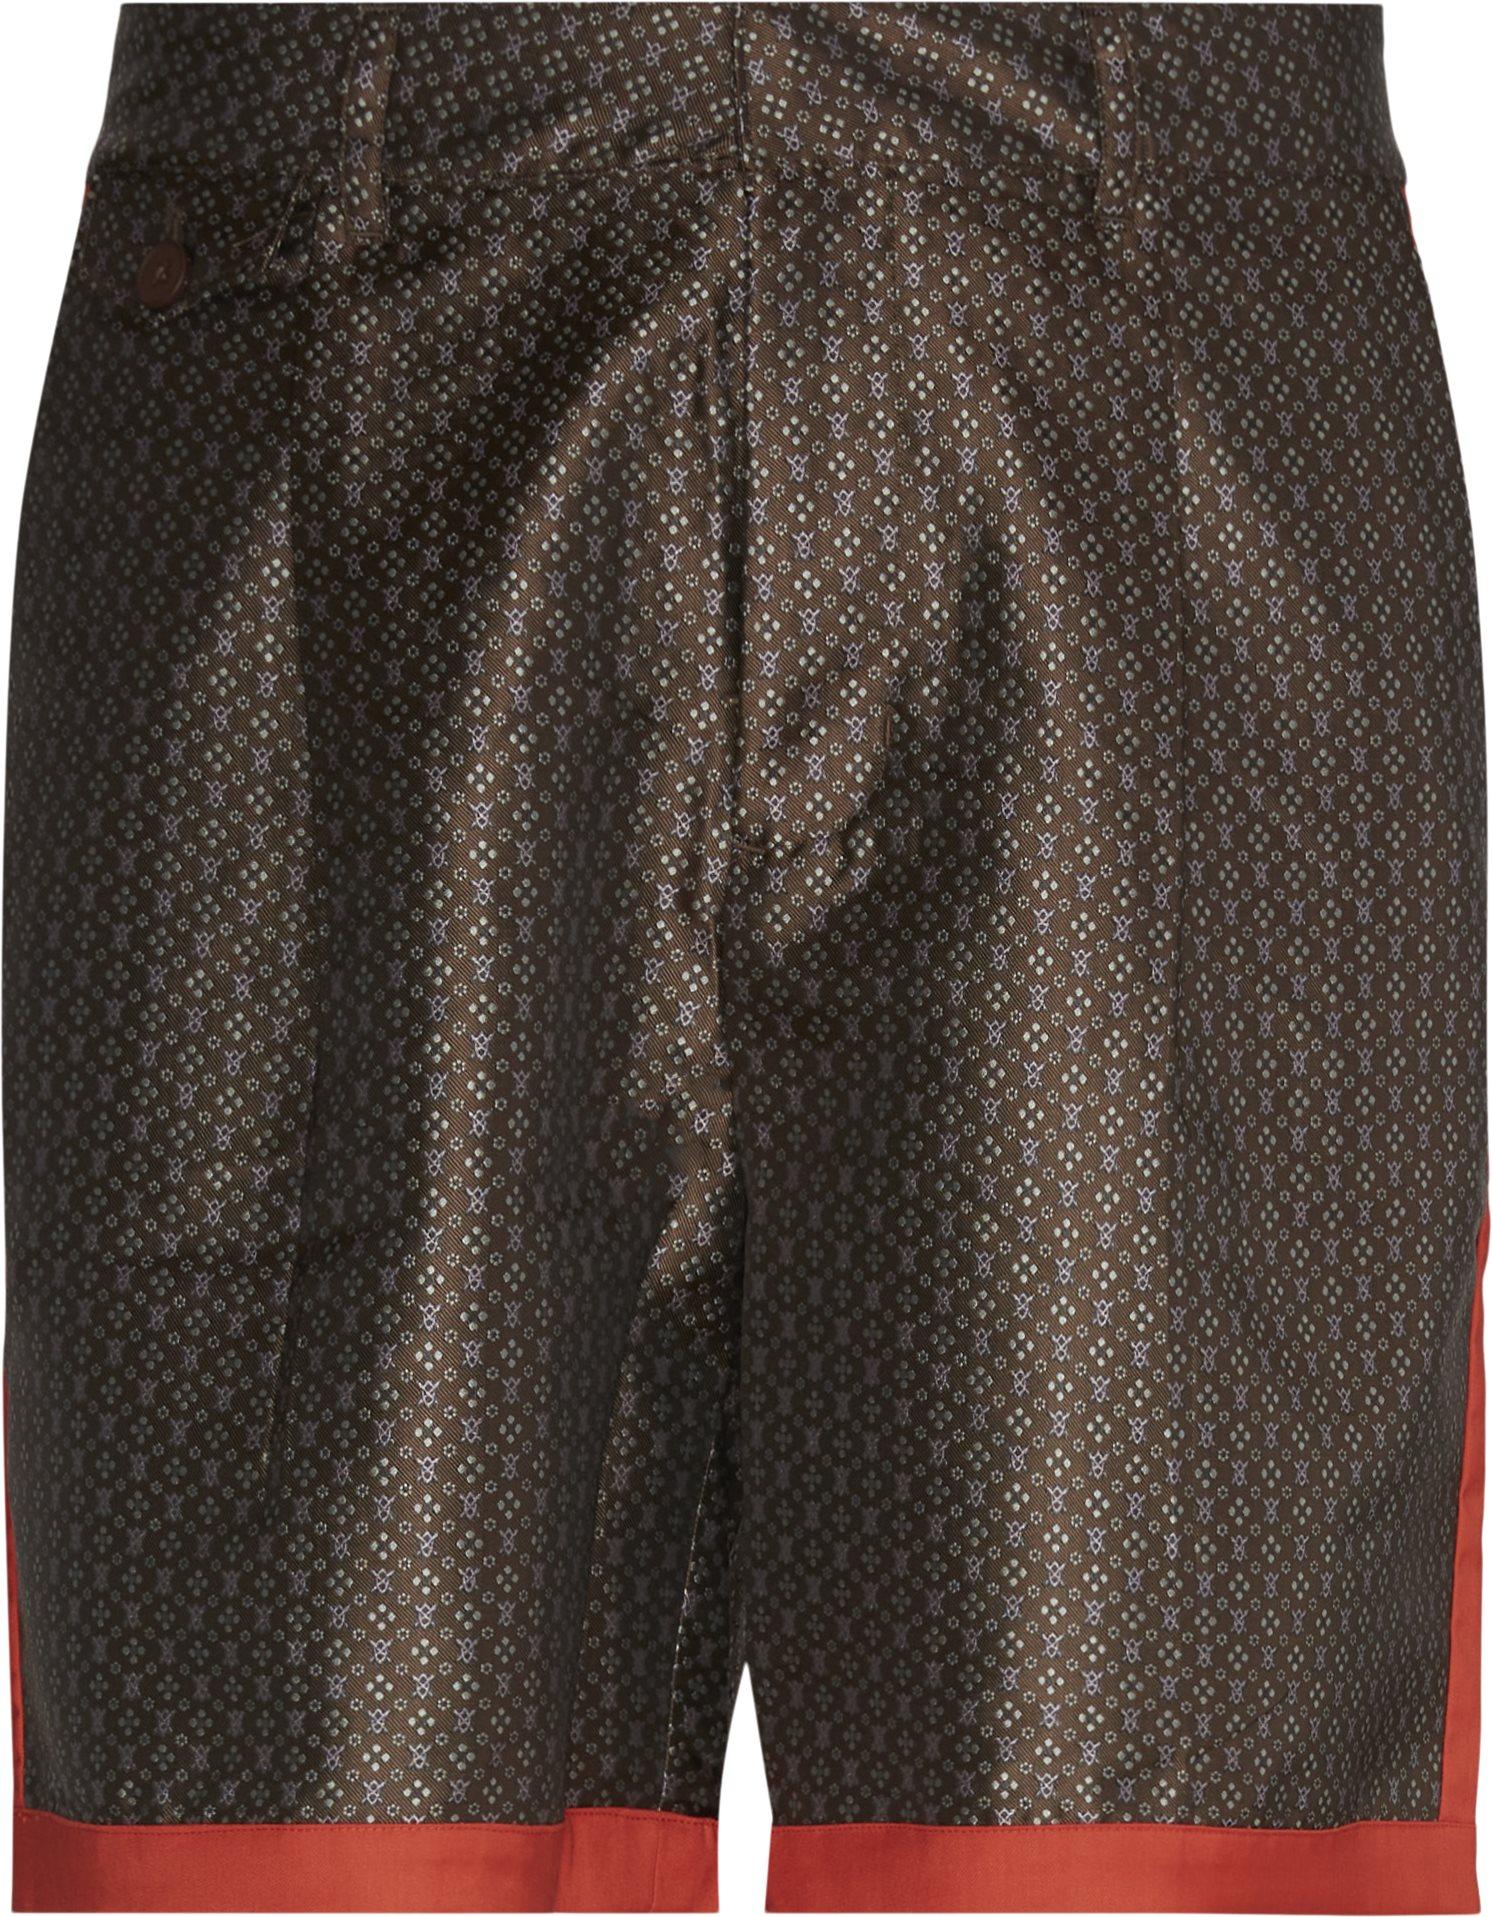 Shorts - Brun